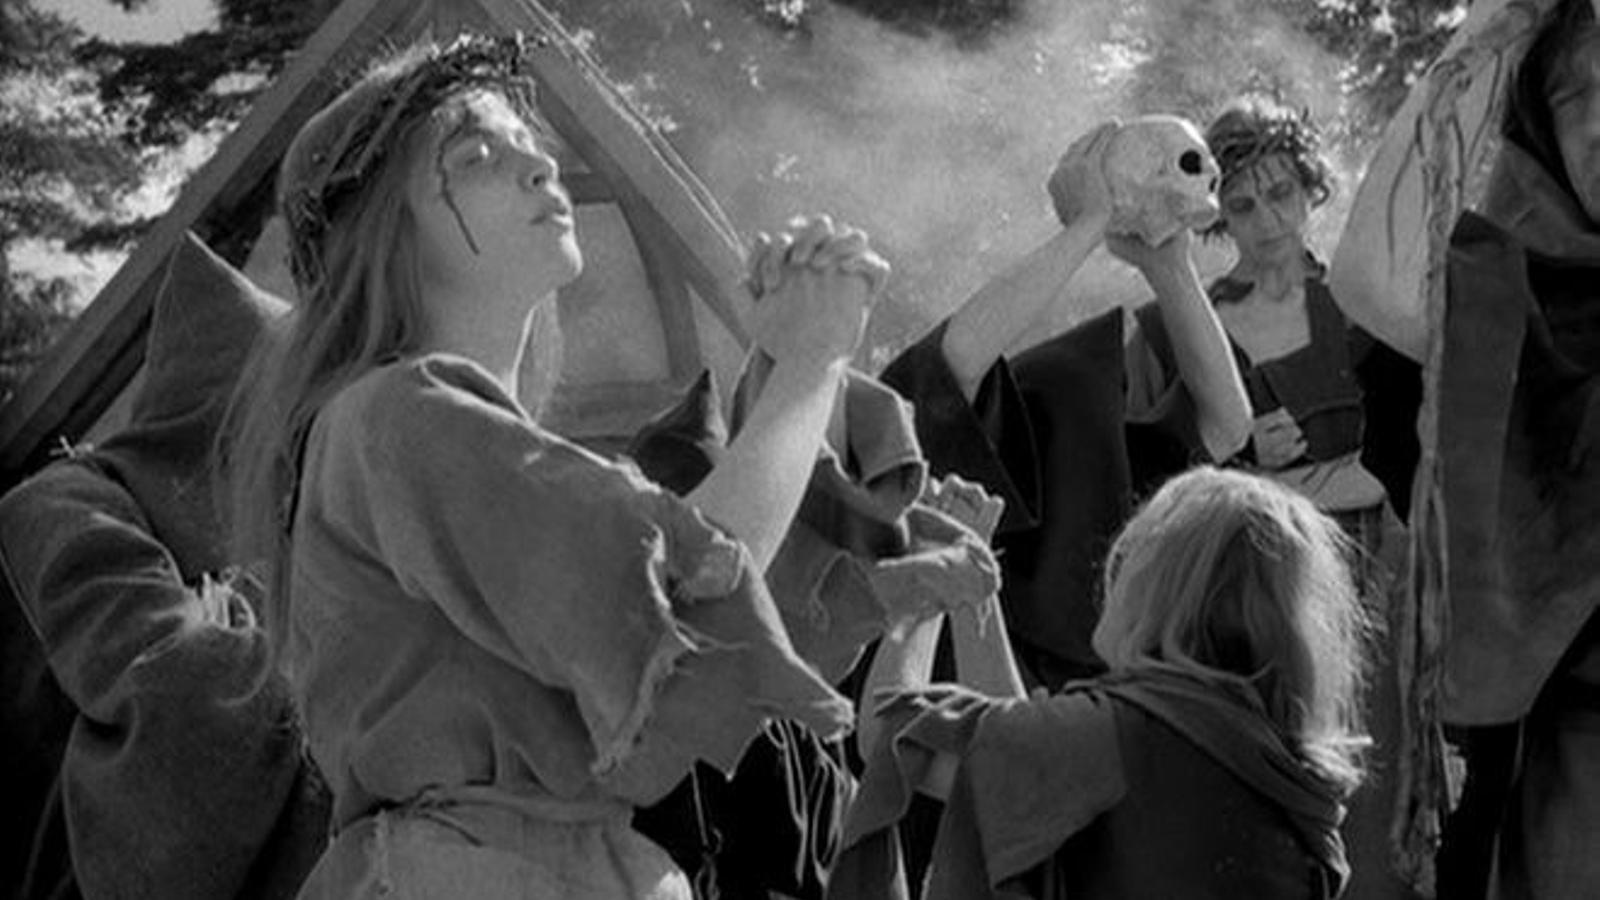 La pesta negra: La pandèmia apocalíptica